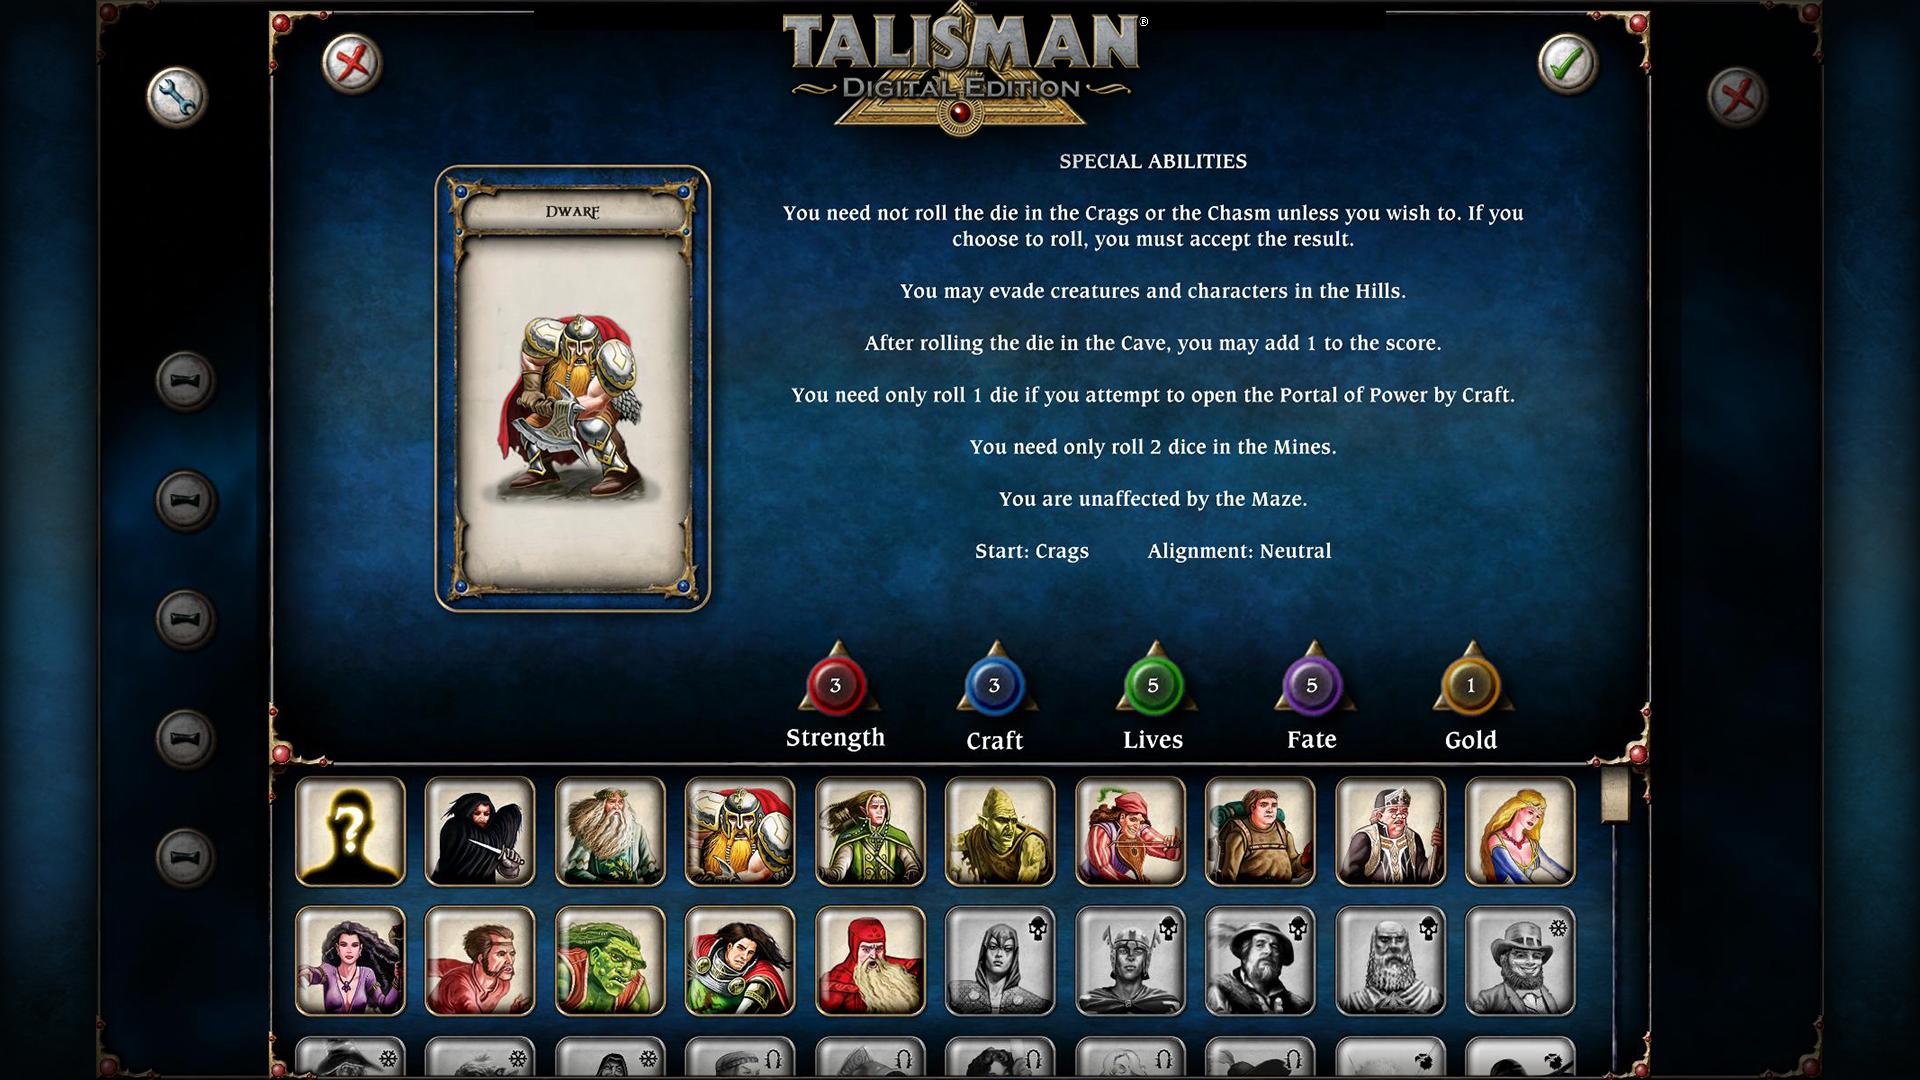 talisman-digital-edition-pc-screenshot-3